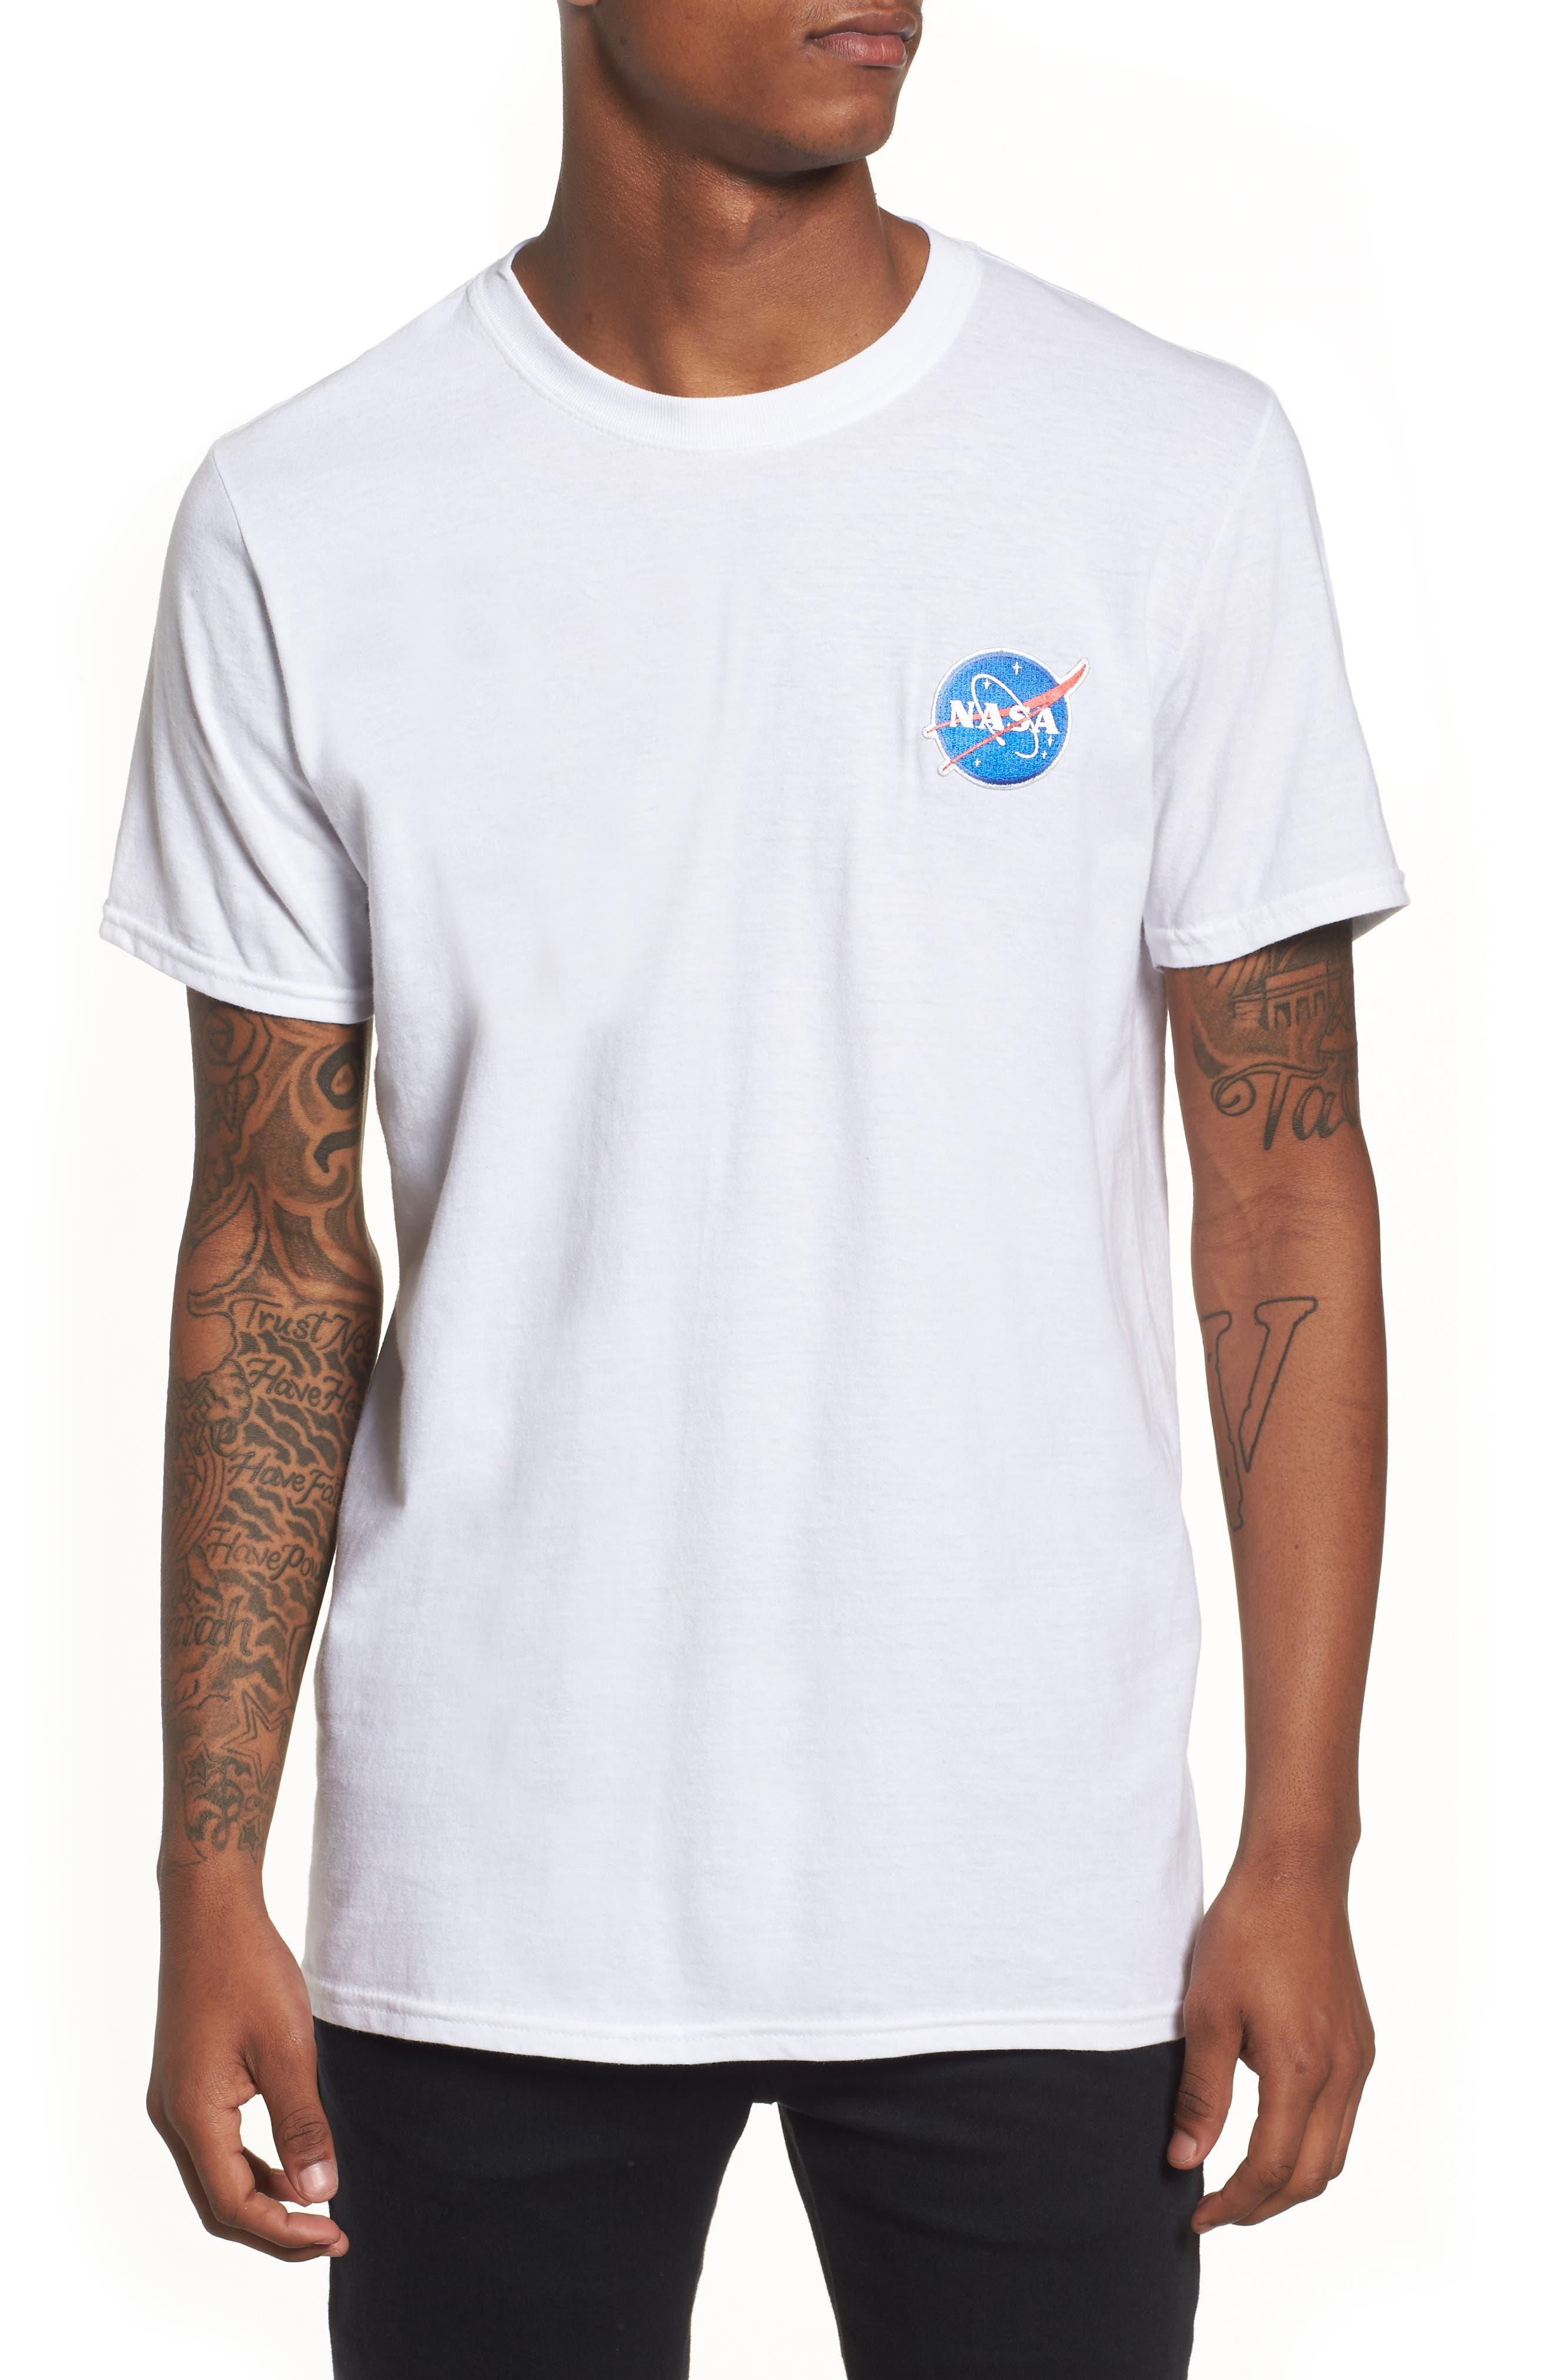 NASA Logo T-Shirt,                             Main thumbnail 1, color,                             100